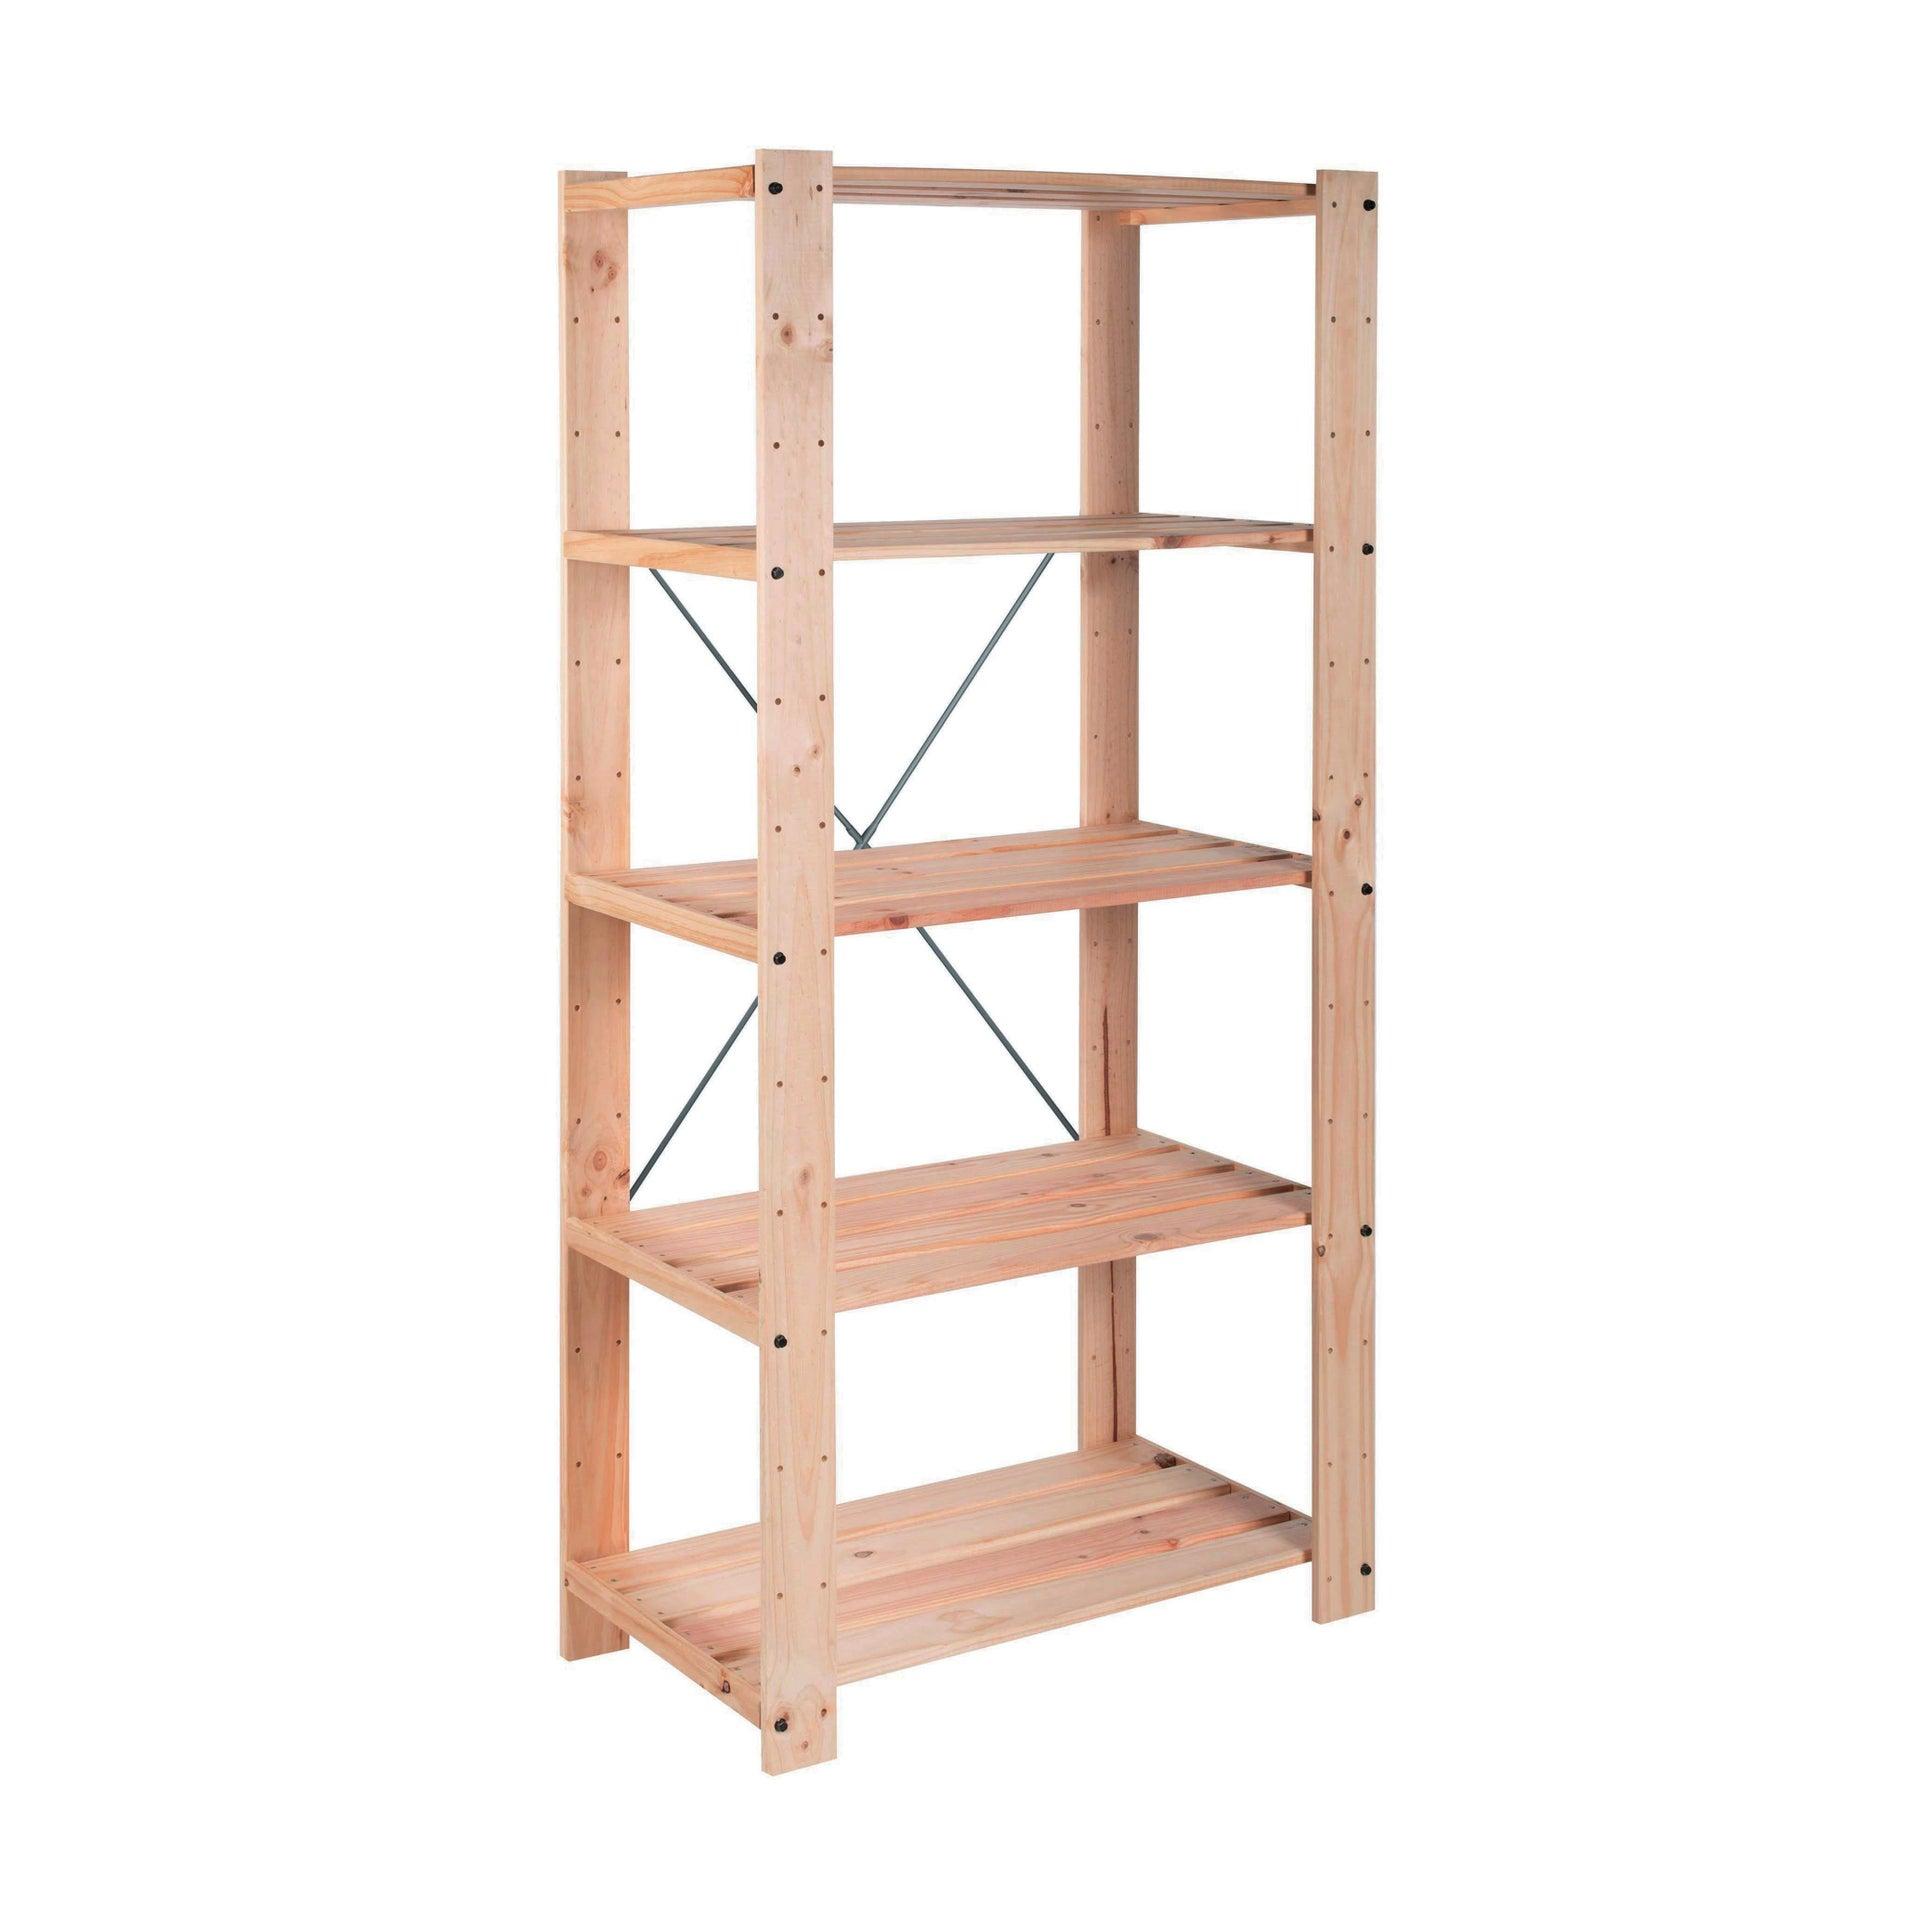 Scaffale in legno in kit L 76.7 x P 43 x H 174.2 cm naturale - 1